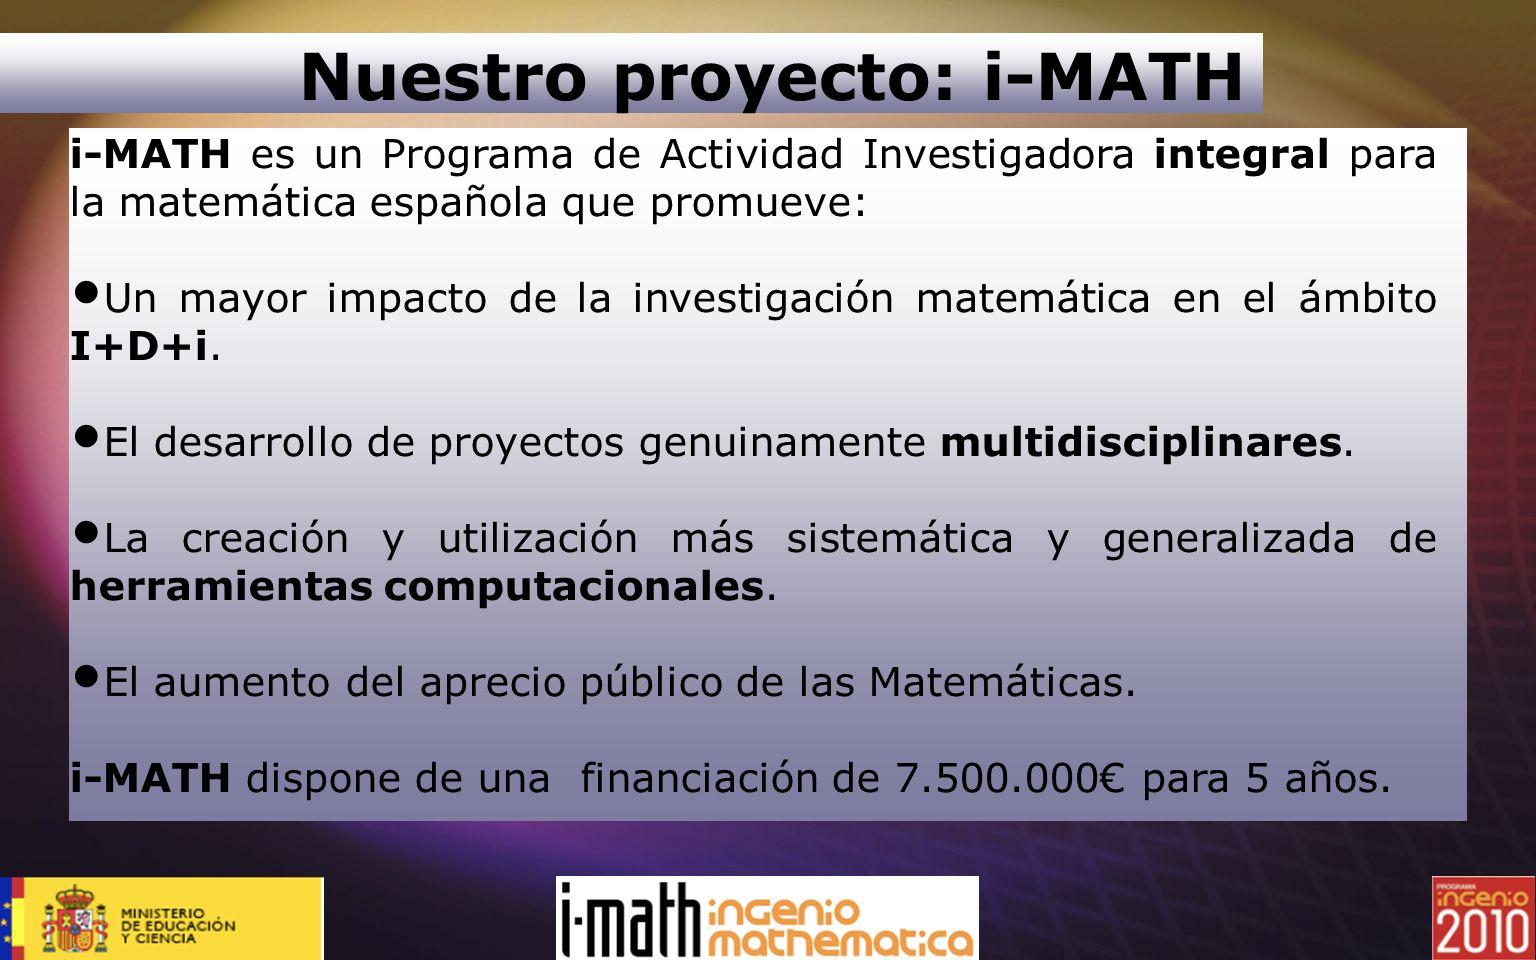 Nuestro proyecto: i-MATH